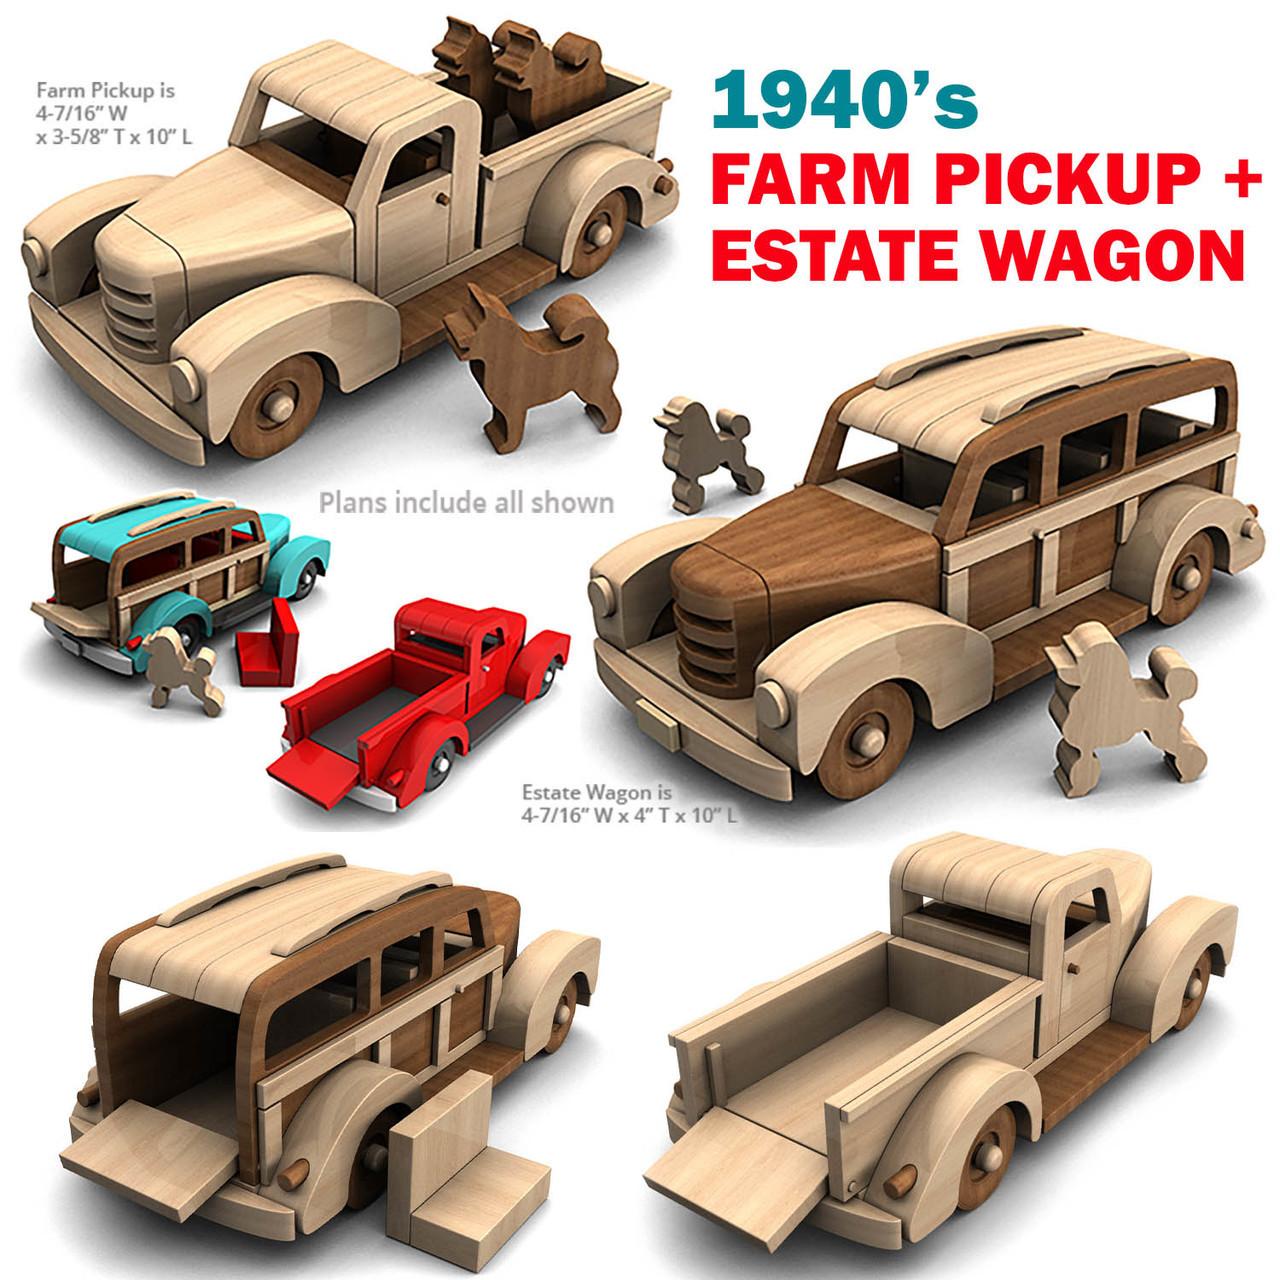 1940 farm pickup & estate wagon wood toy plans (2 pdf downloads)